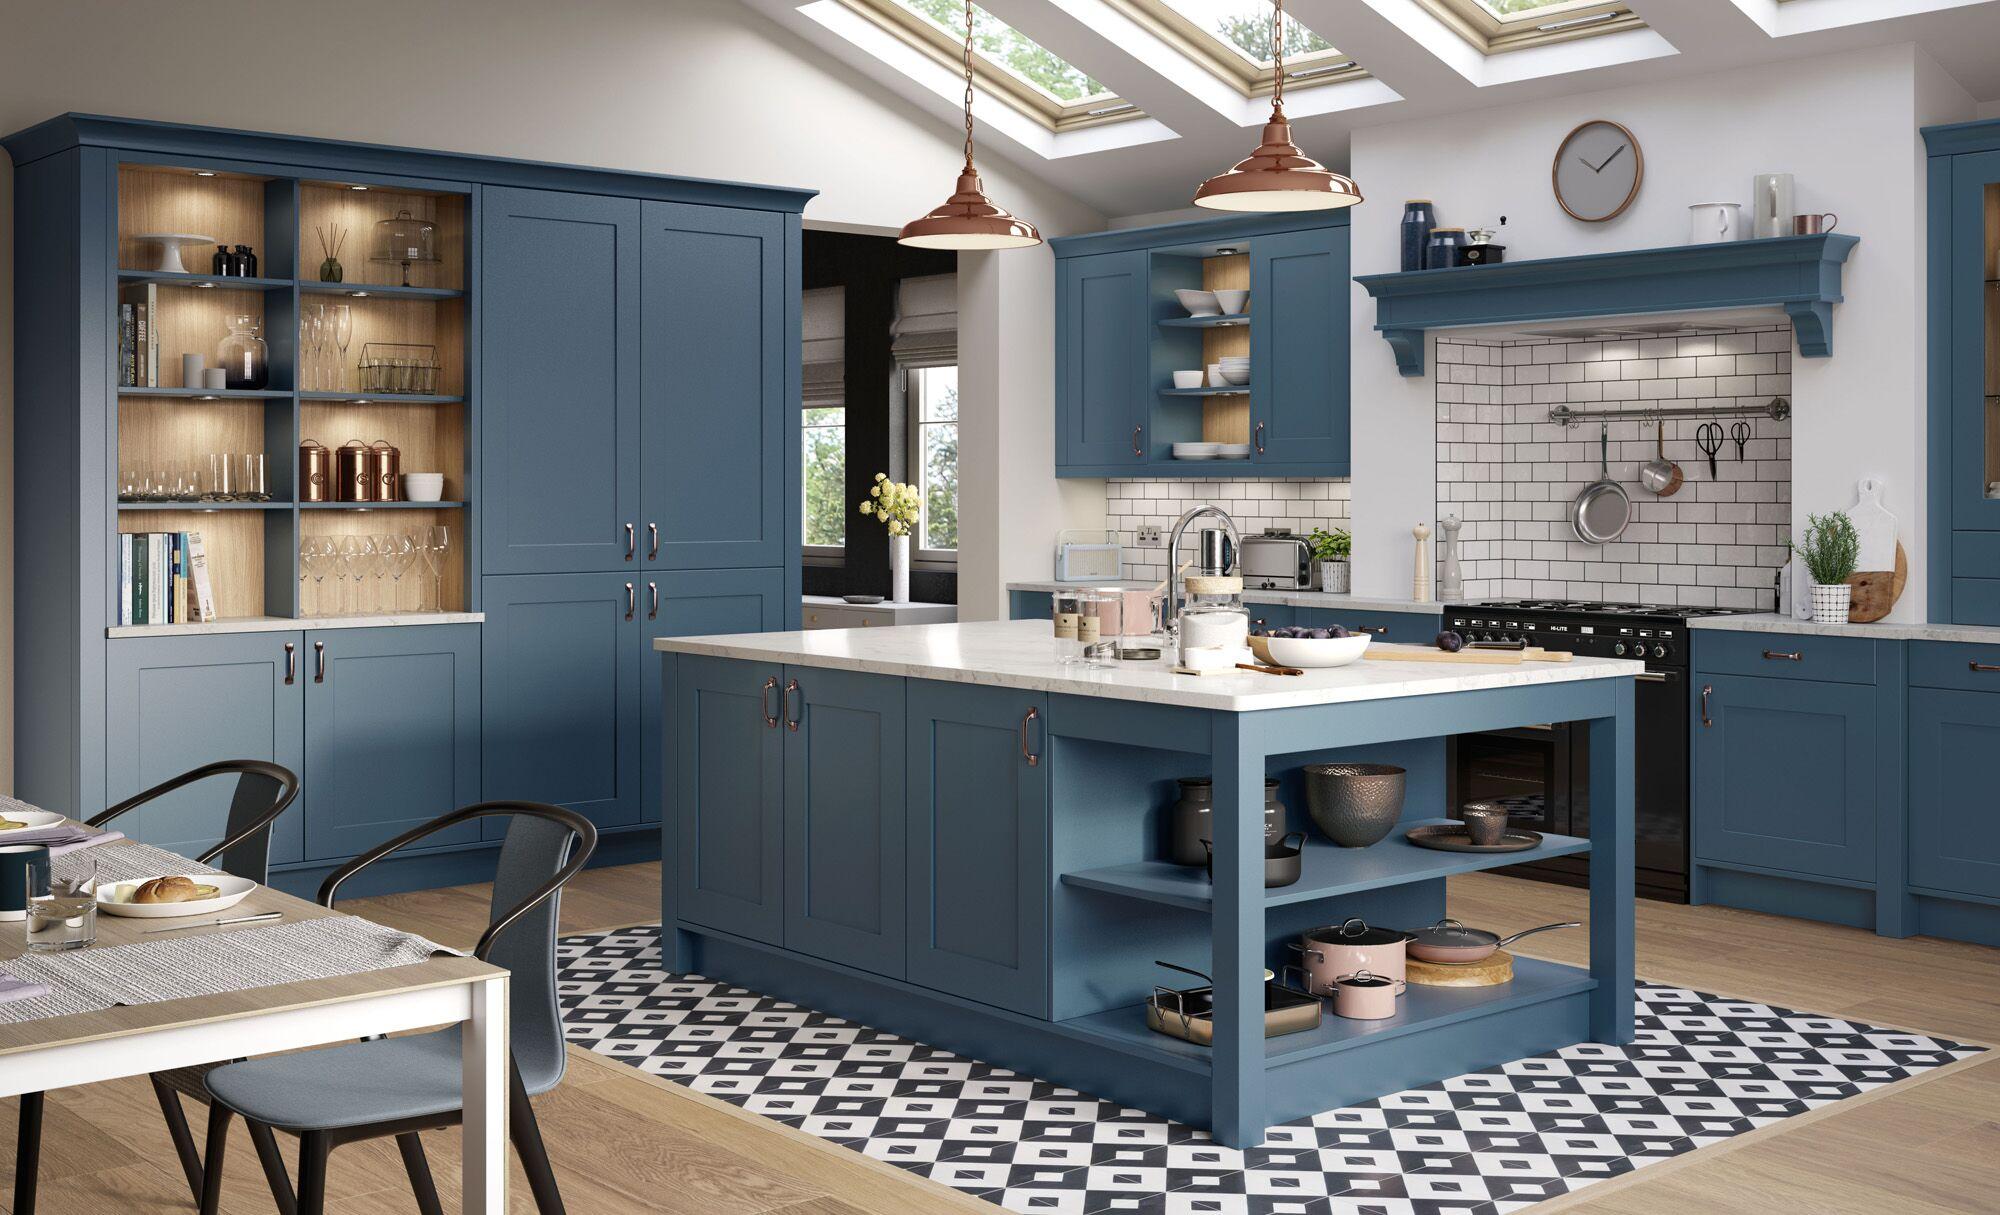 Modern Design Navy Blue Mdf Shaker Kitchen Cabinets Used In Kitchen Cabinet Buy Design Kitchen Modular Kitchen Cabinet Design For Kitchens Design